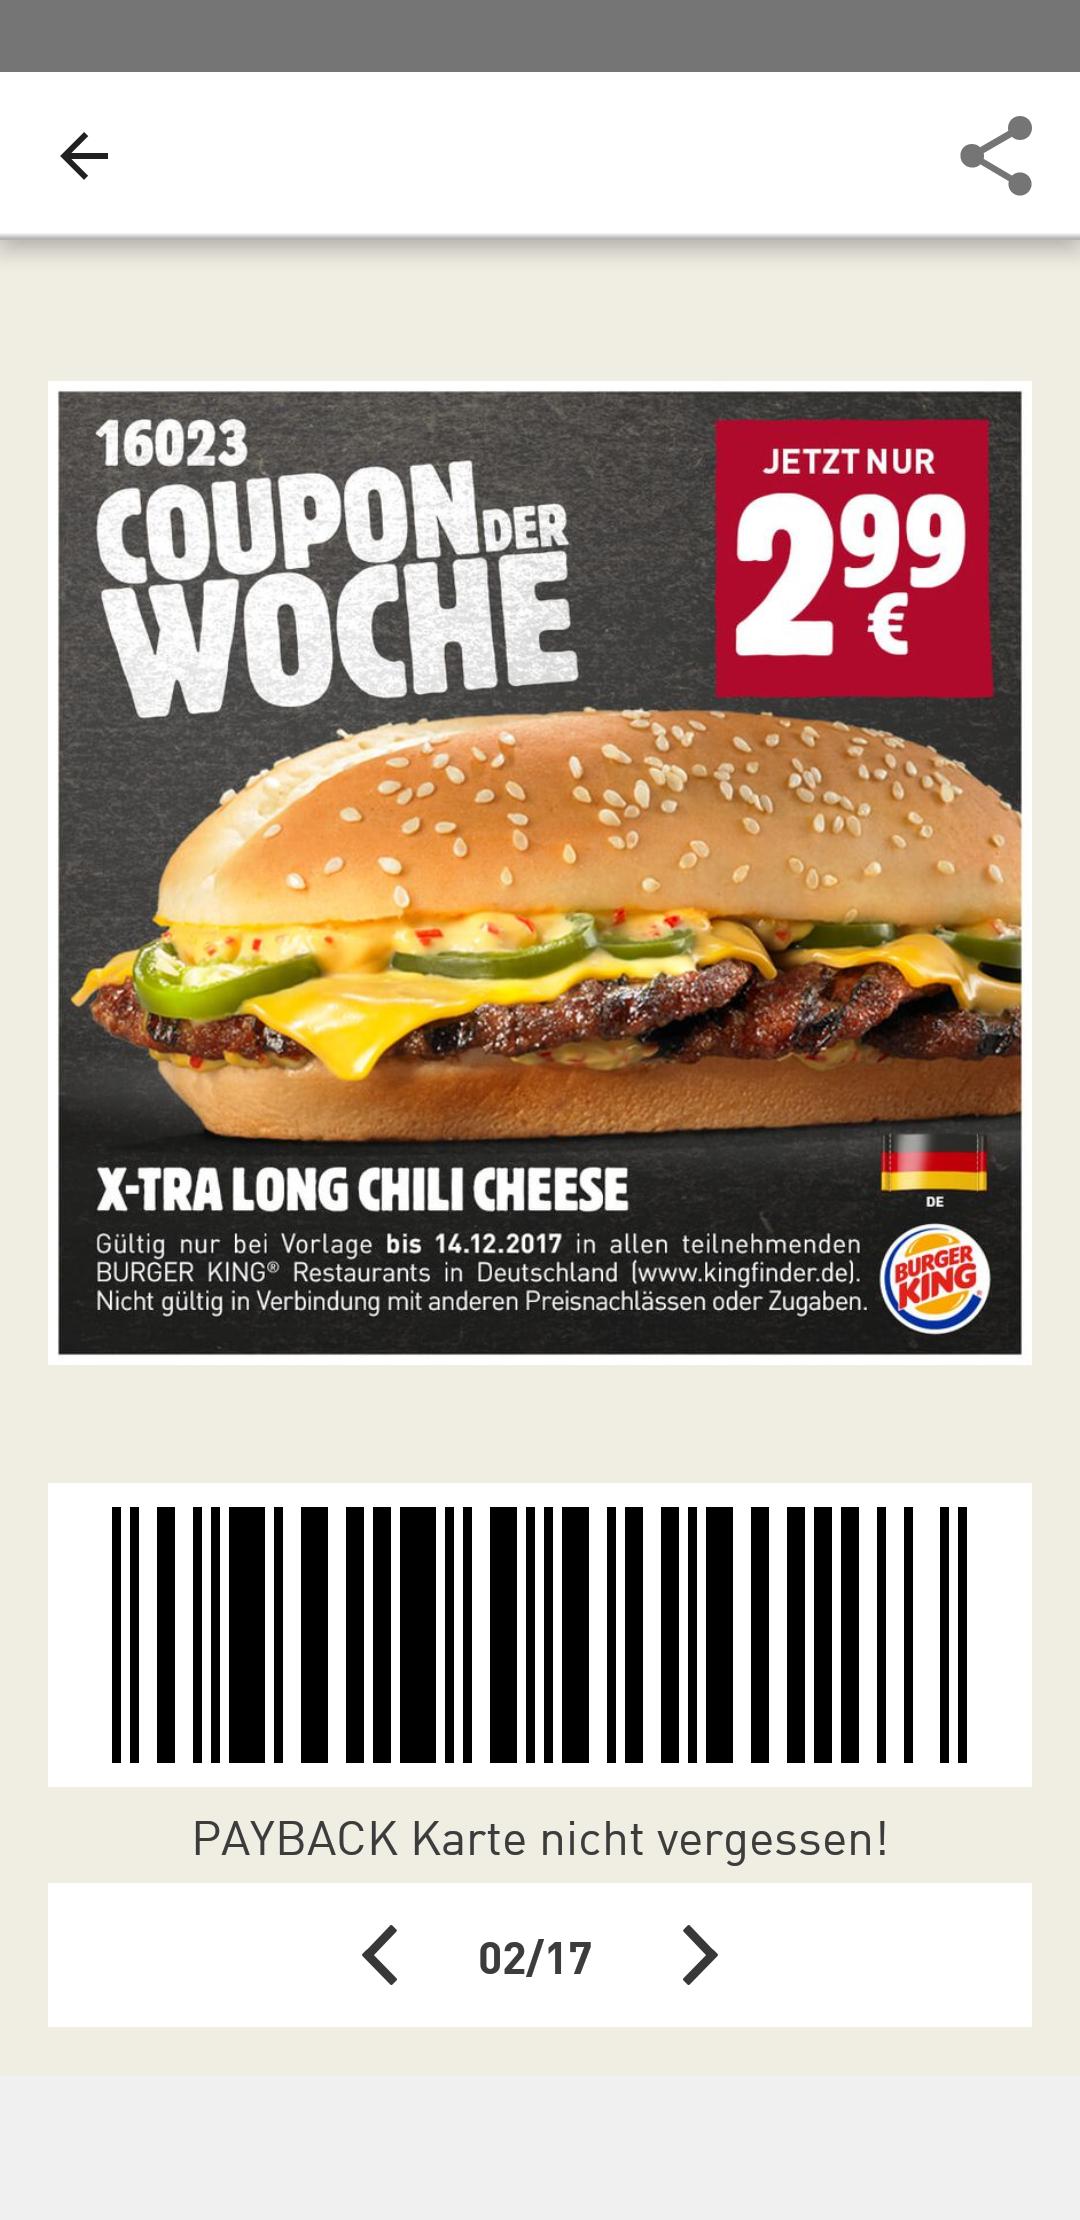 (Burger King) Coupon der Woche: x-tra Long Chilli Cheese für nur 2.99